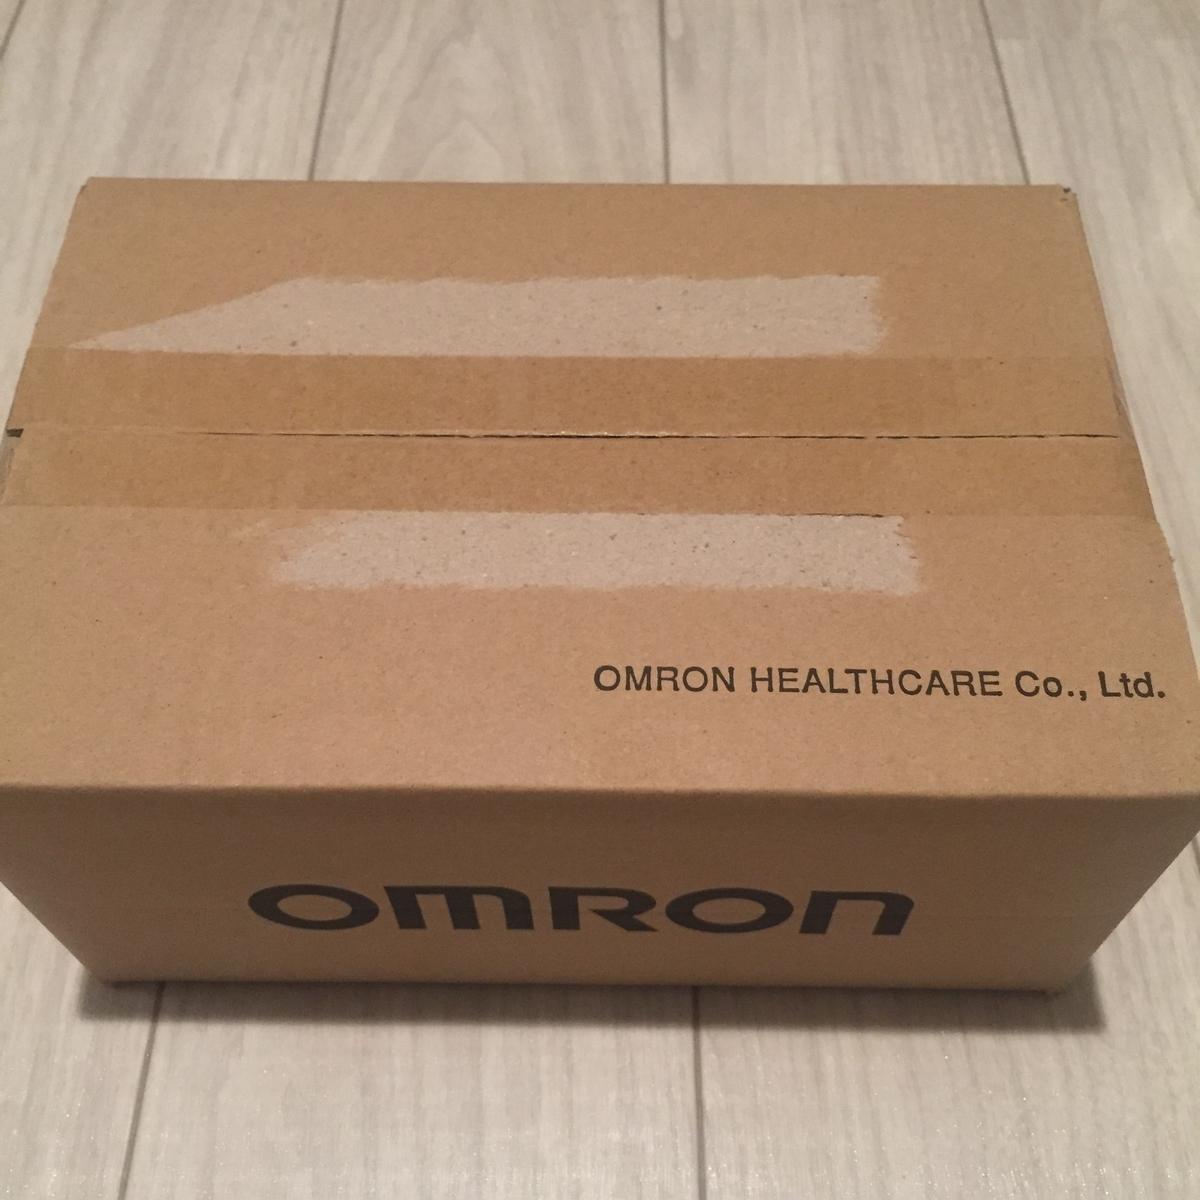 OMRON オムロン 低周波 低周波治療器 HV F022 V 整骨院 肩こり 腰痛 凝り 慢性 急性 病気 治療